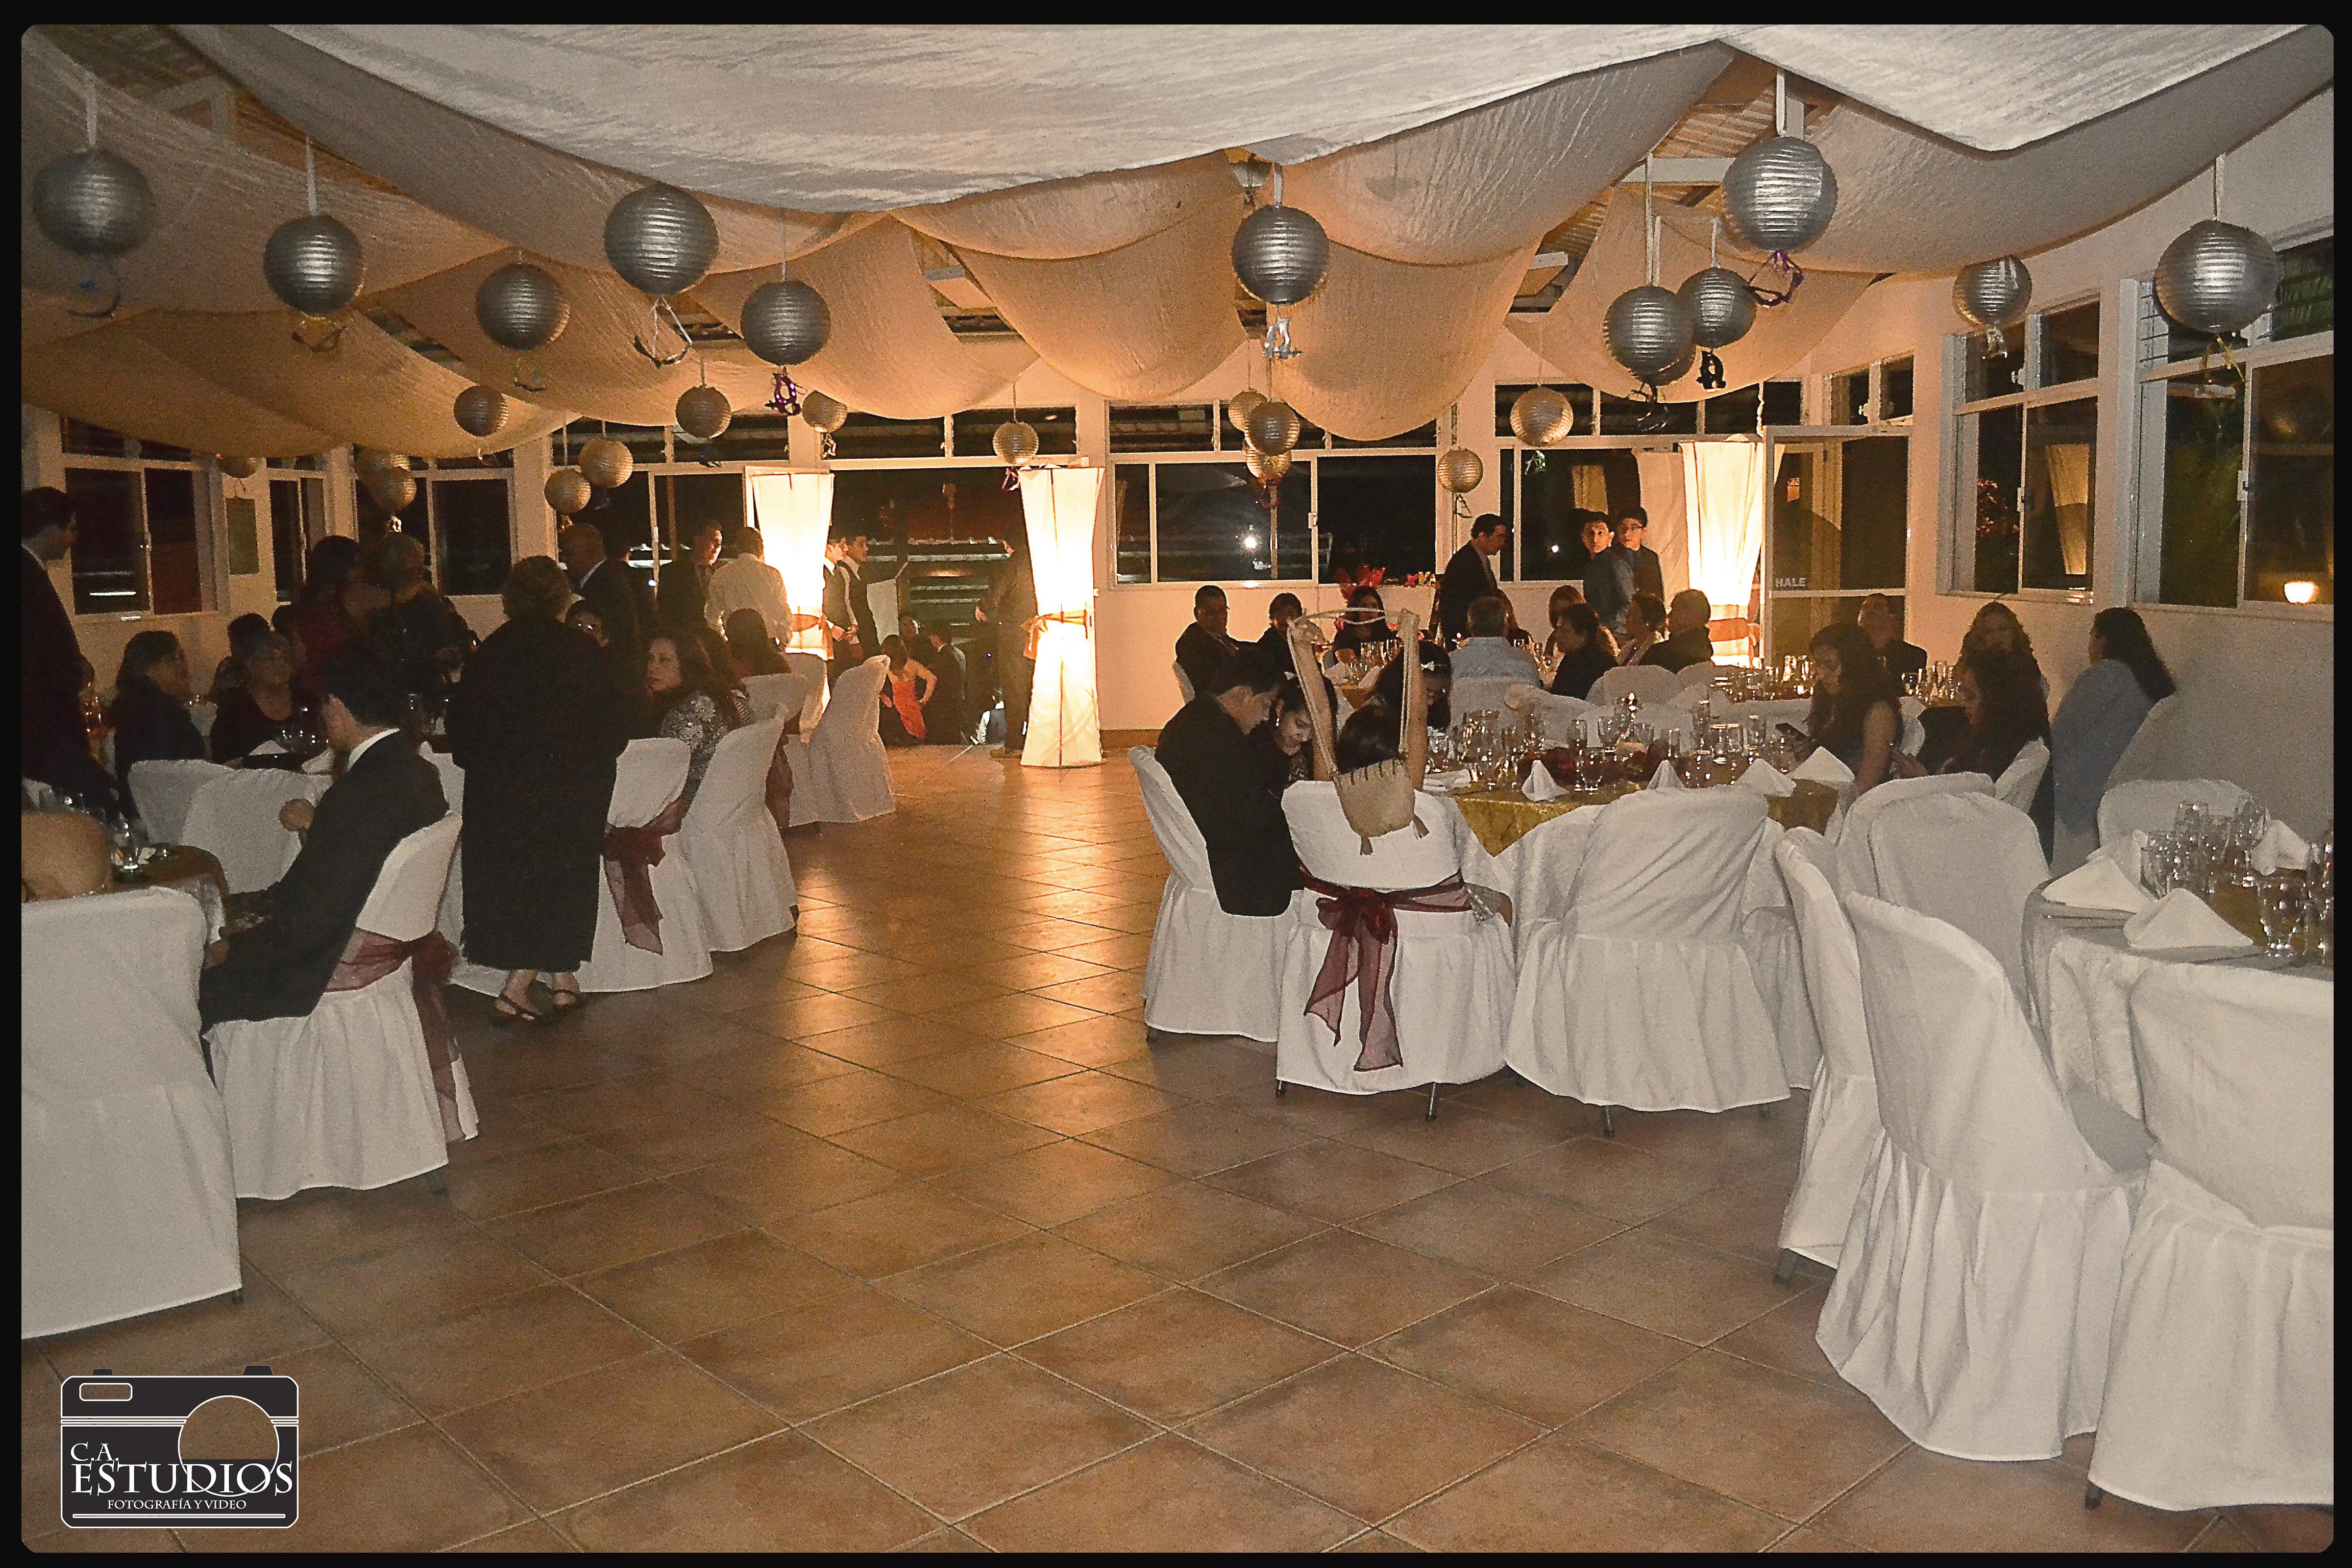 Corporación_Arreola_salones_banquetes_discoteca_Guatemala26